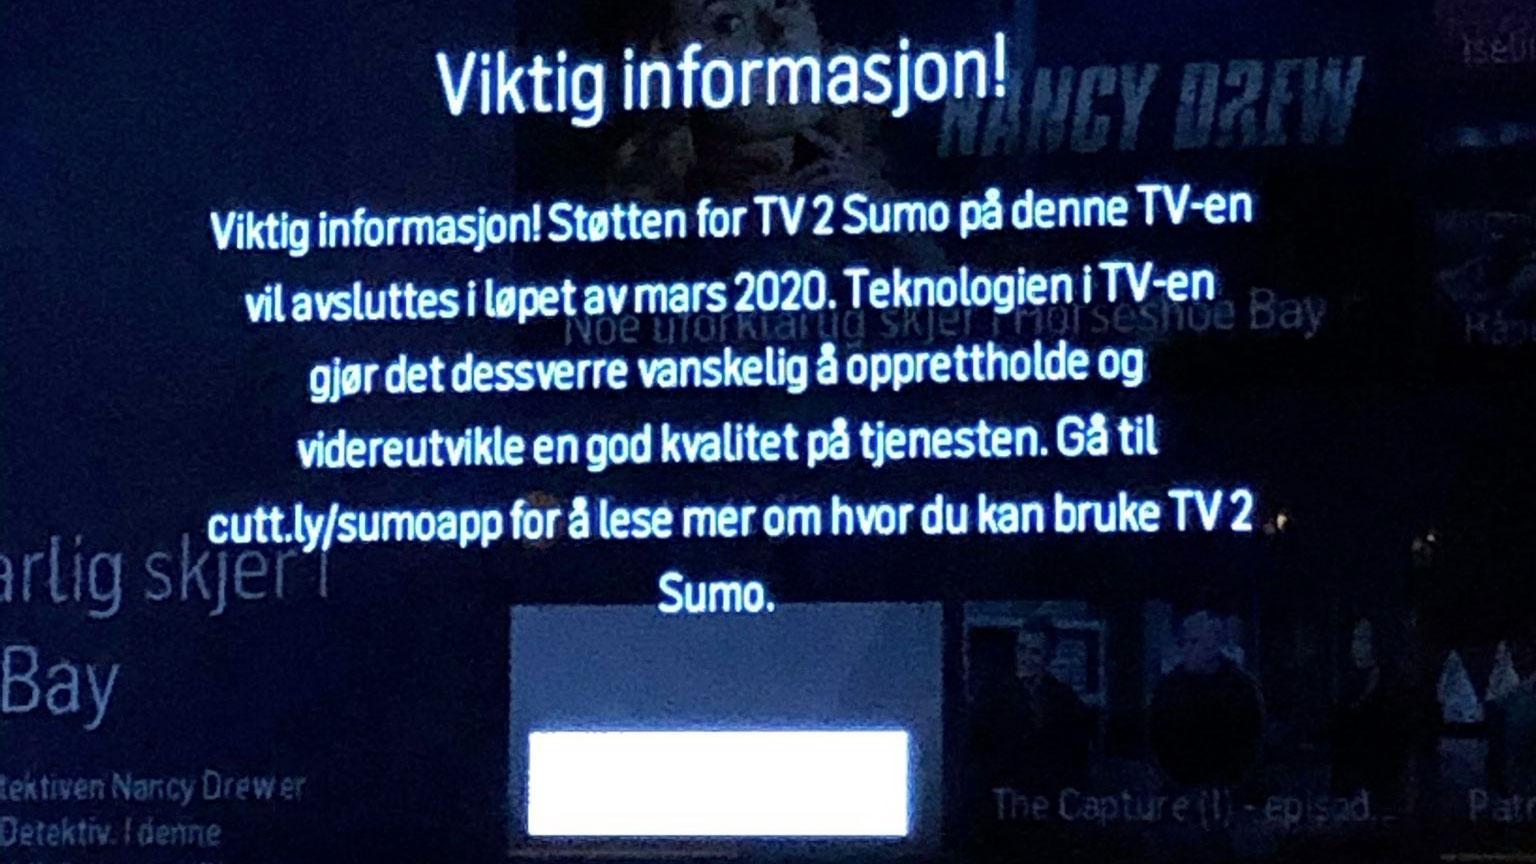 TV 2 Sumo slutter å fungere på gamle Samsung-TV-er